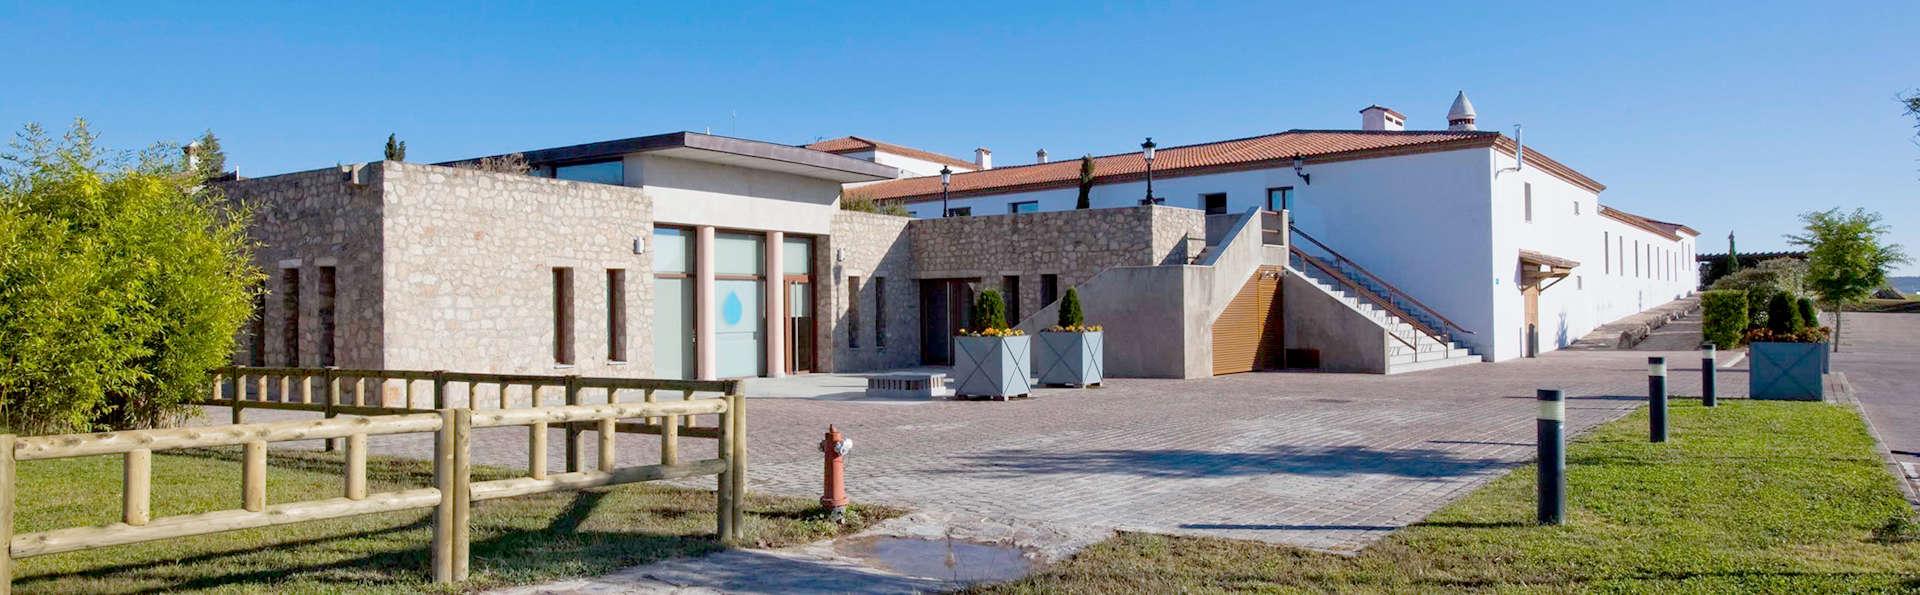 Hospes Palacio de Arenales Spa - Edit_front.jpg